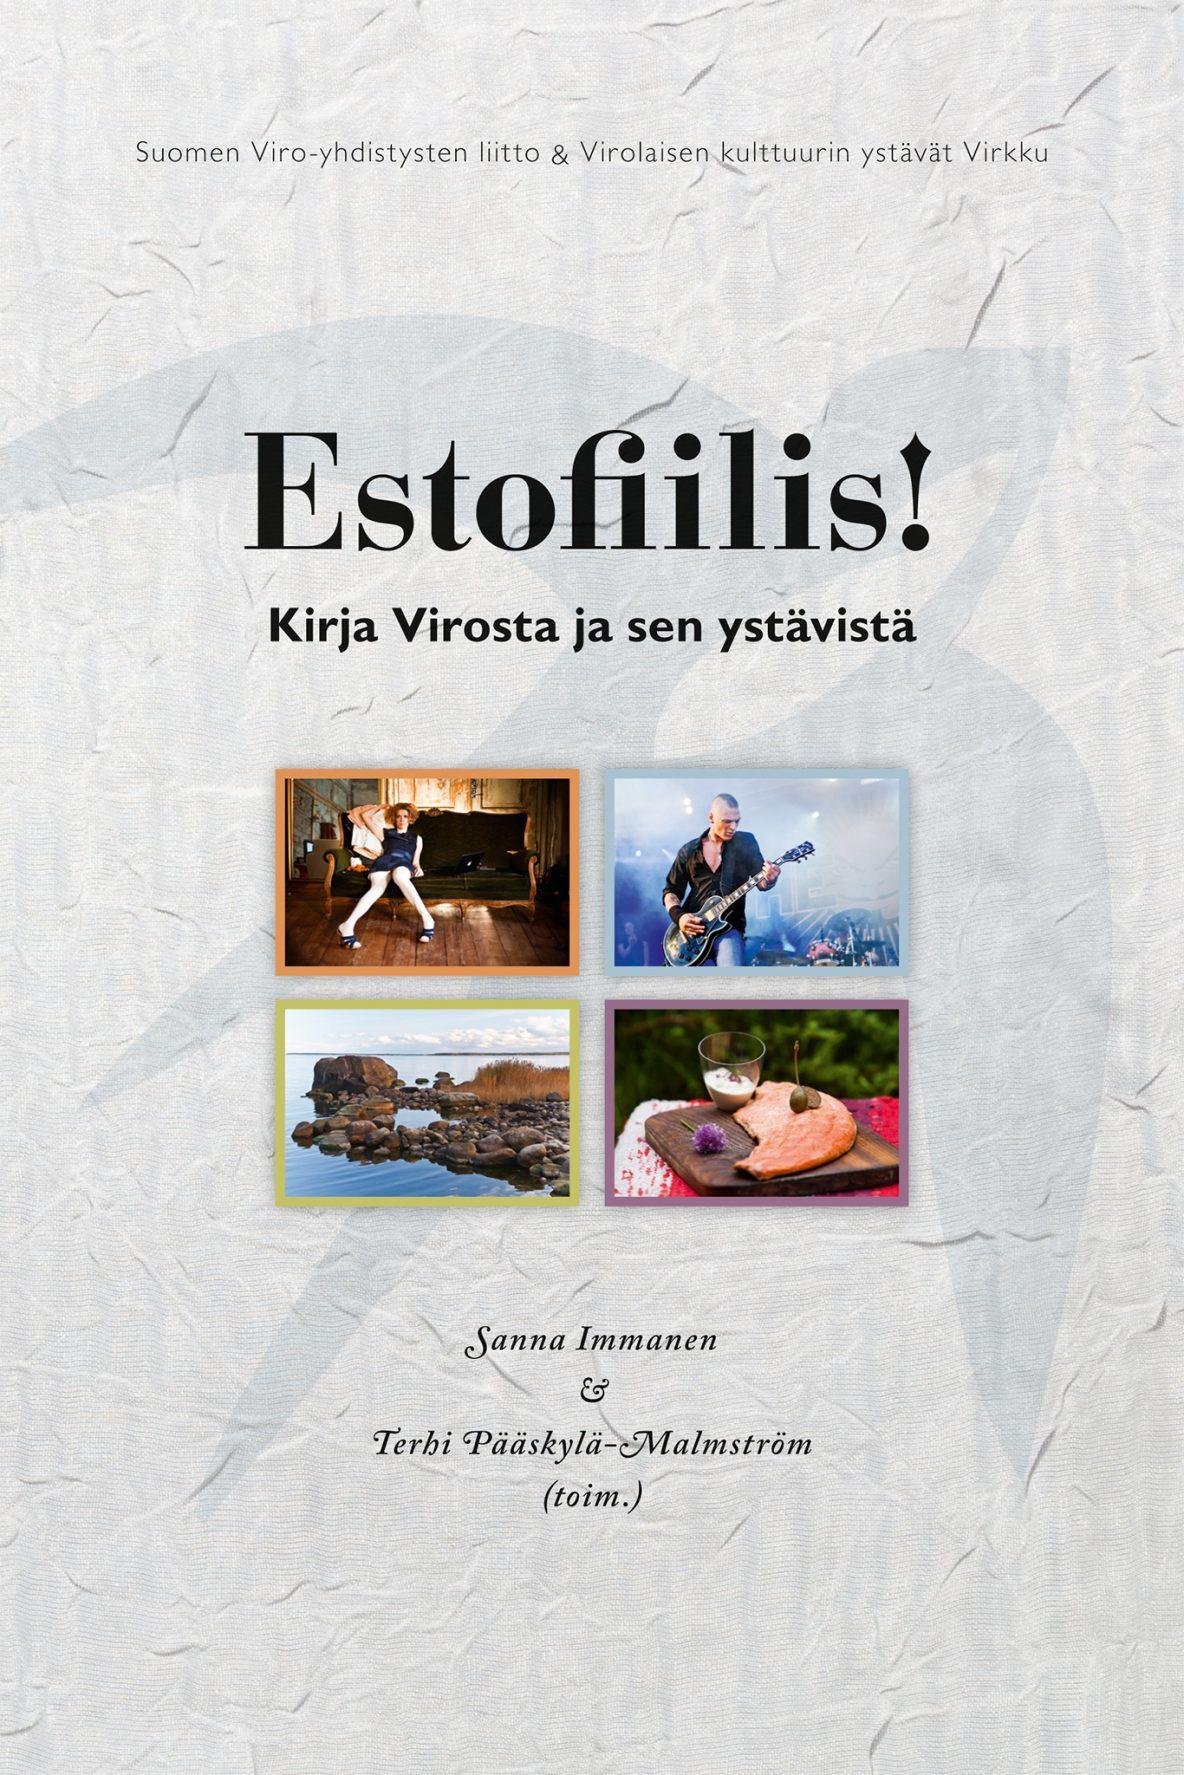 Sanna Immanen & Terhi Pääskylä-Malmström (toim.): Estofiilis! Kirja Virosta ja sen ystävistä